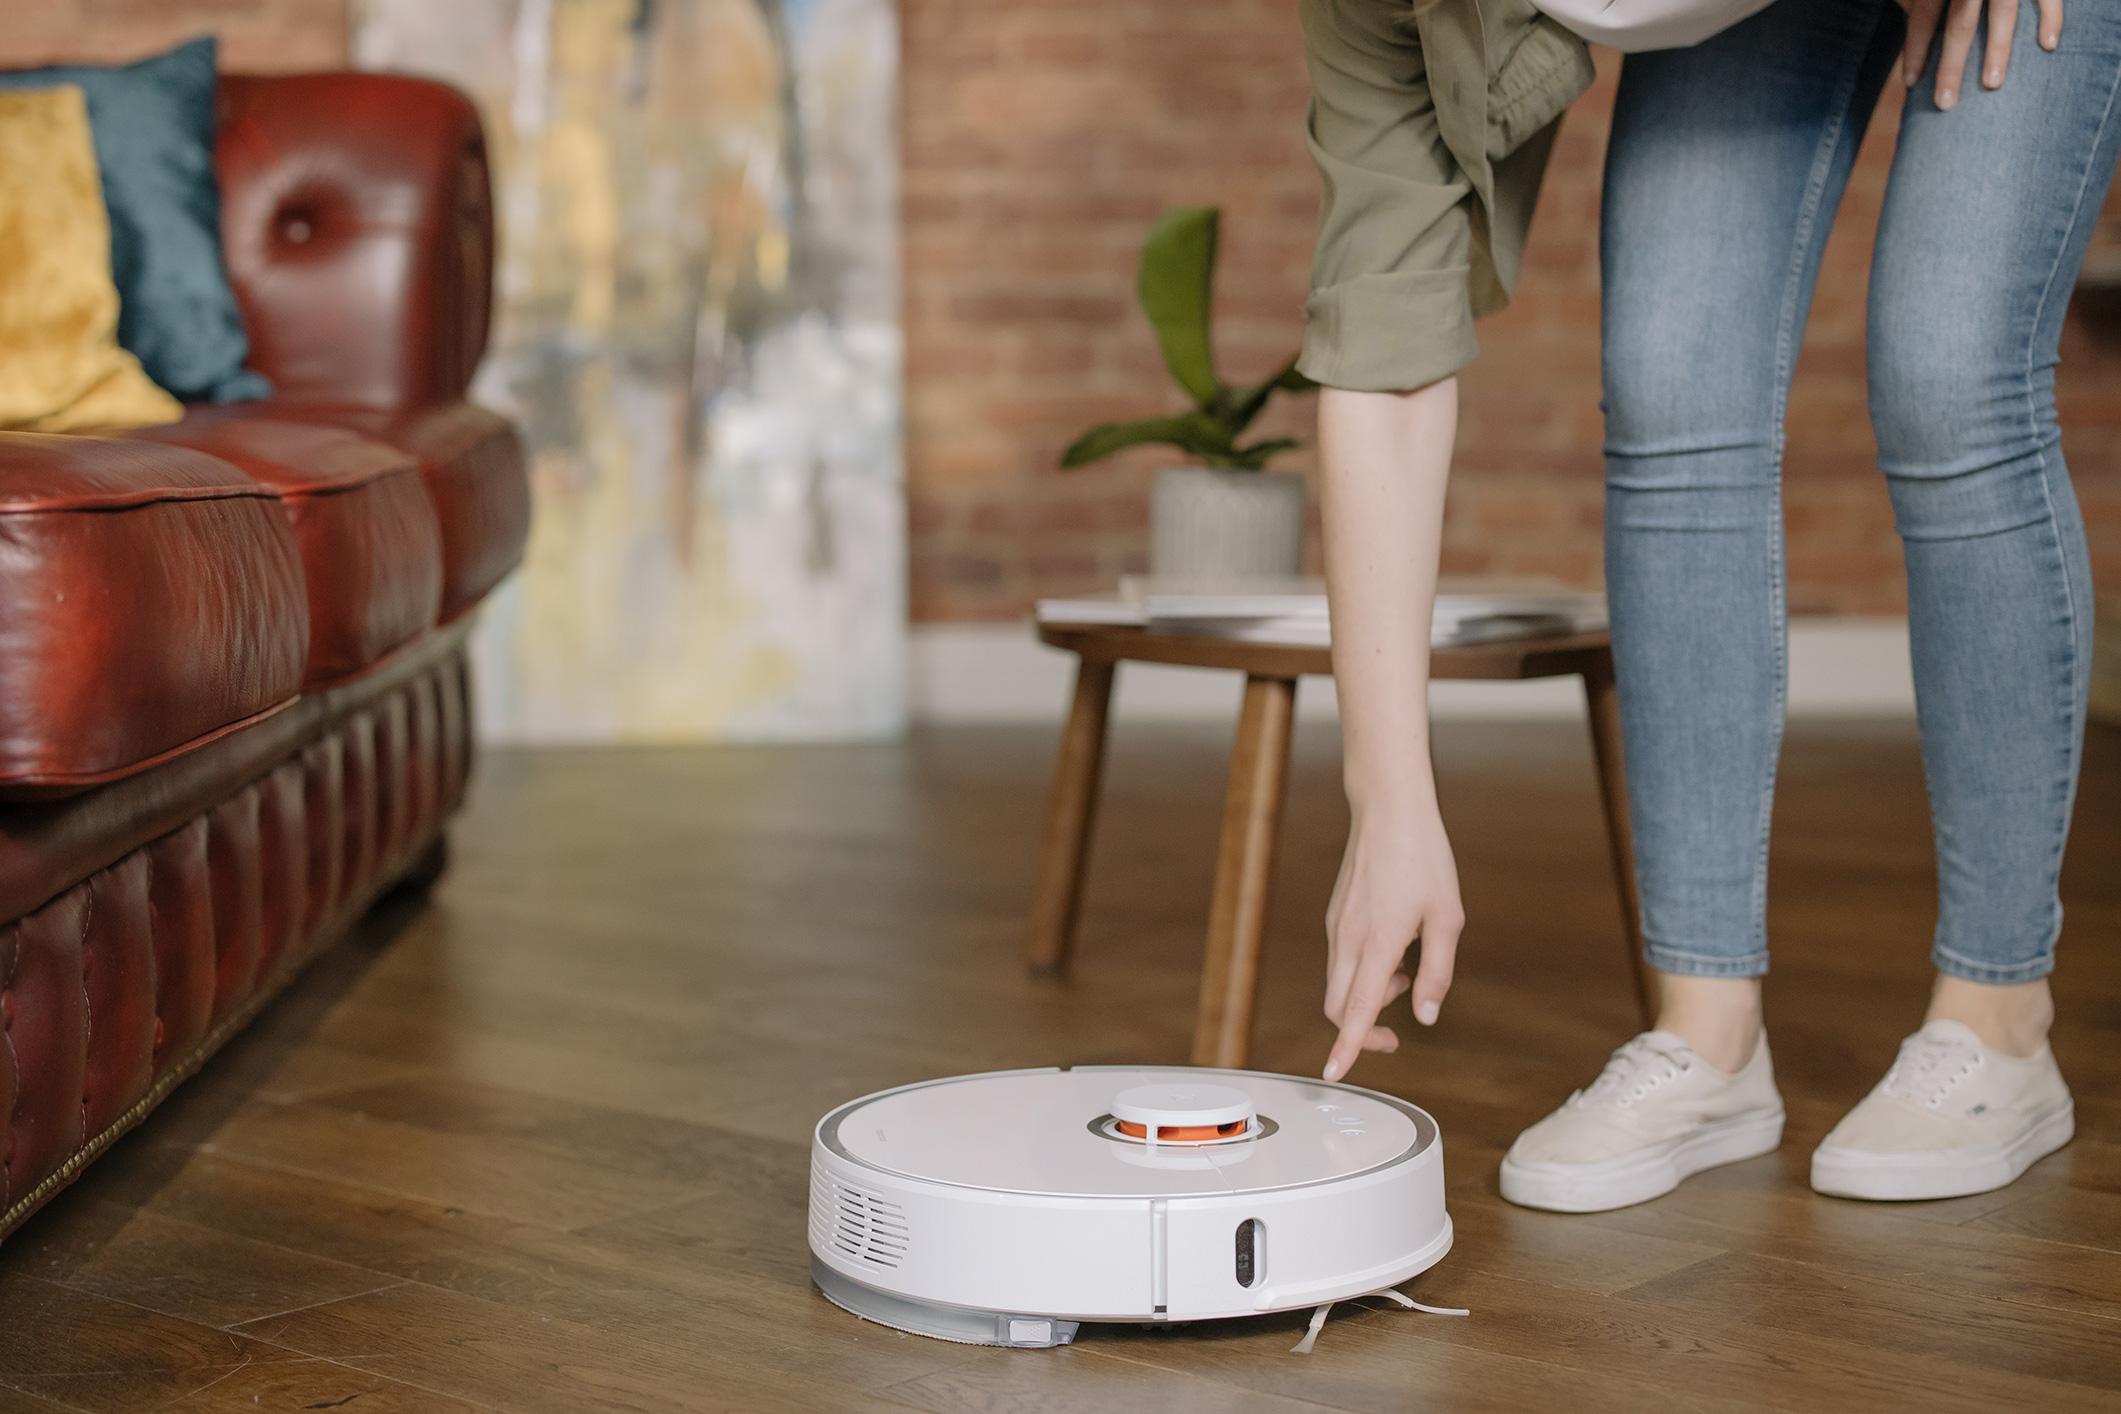 Não é ficção científica: os aspiradores robot estão aí